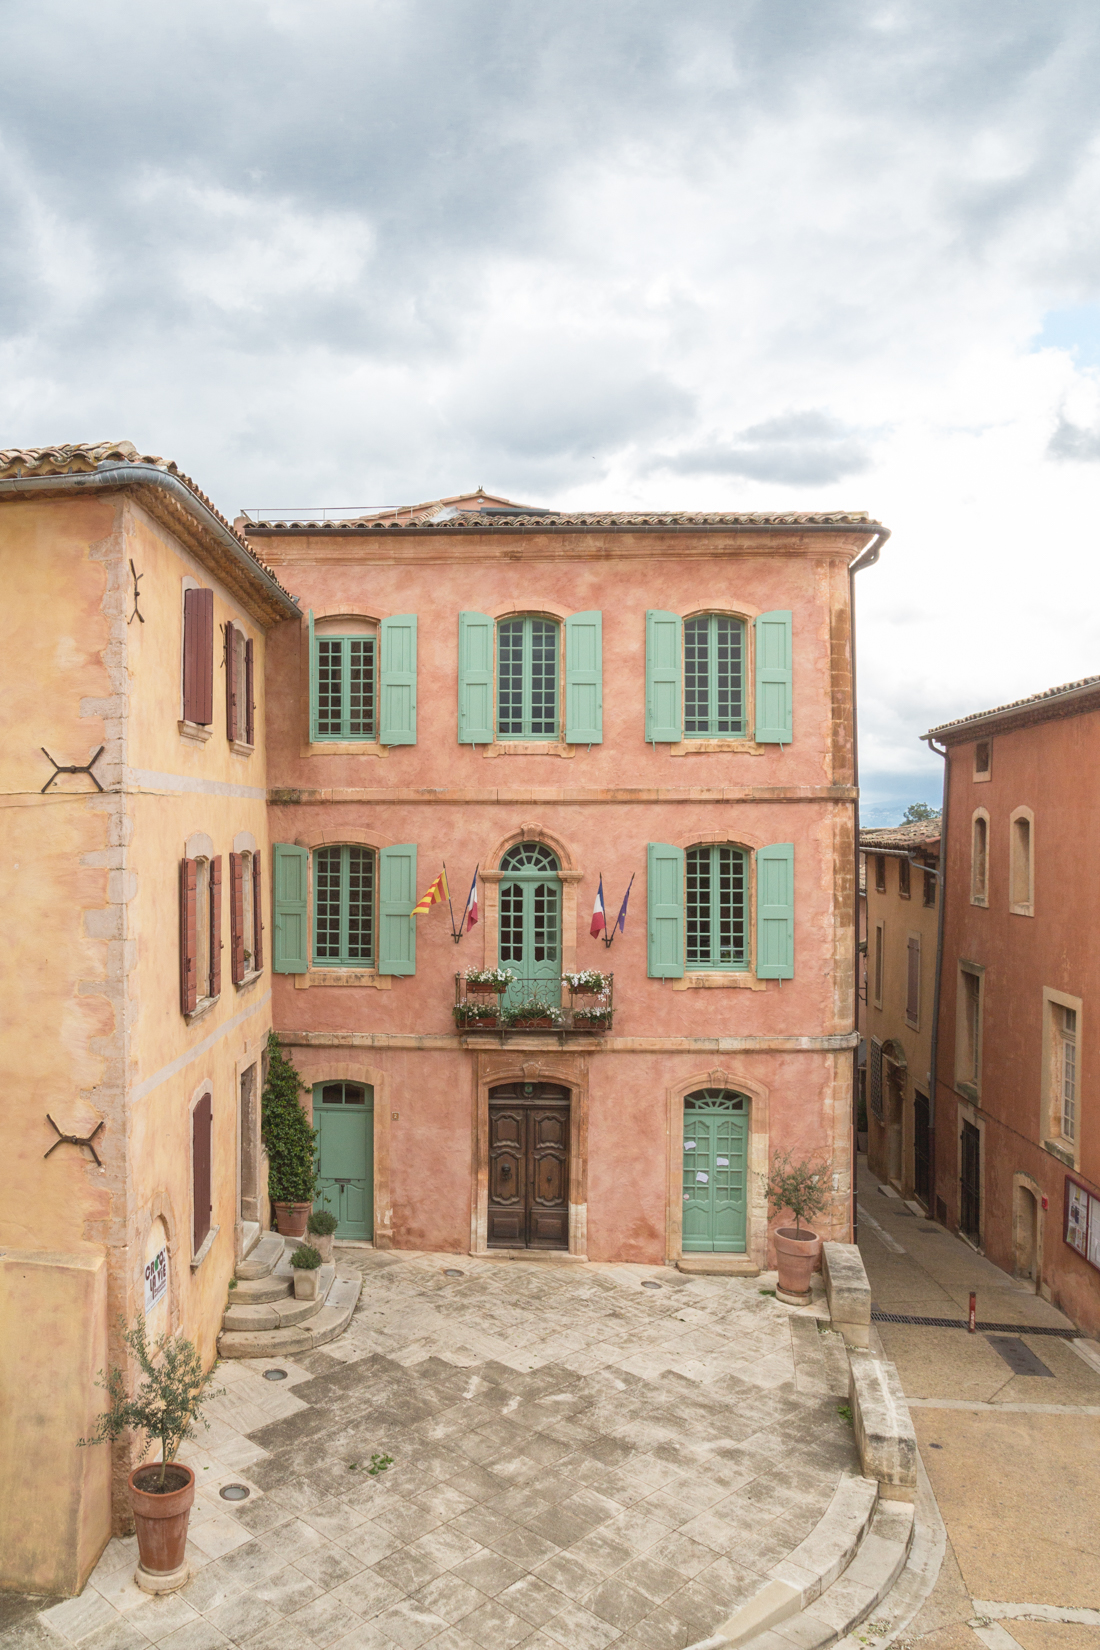 VP_loccitane_en_provence_terre_de_lumiere_hotel_couvent_des_minimes_copyright_PaulinePRIVEZ_paulinefashionblog_com-73